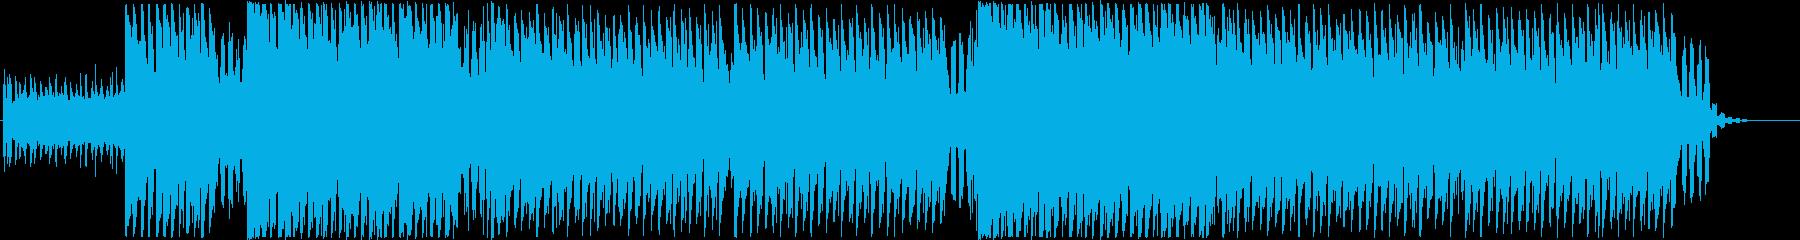 洋楽感のある夏らしいトロピカルハウスの再生済みの波形